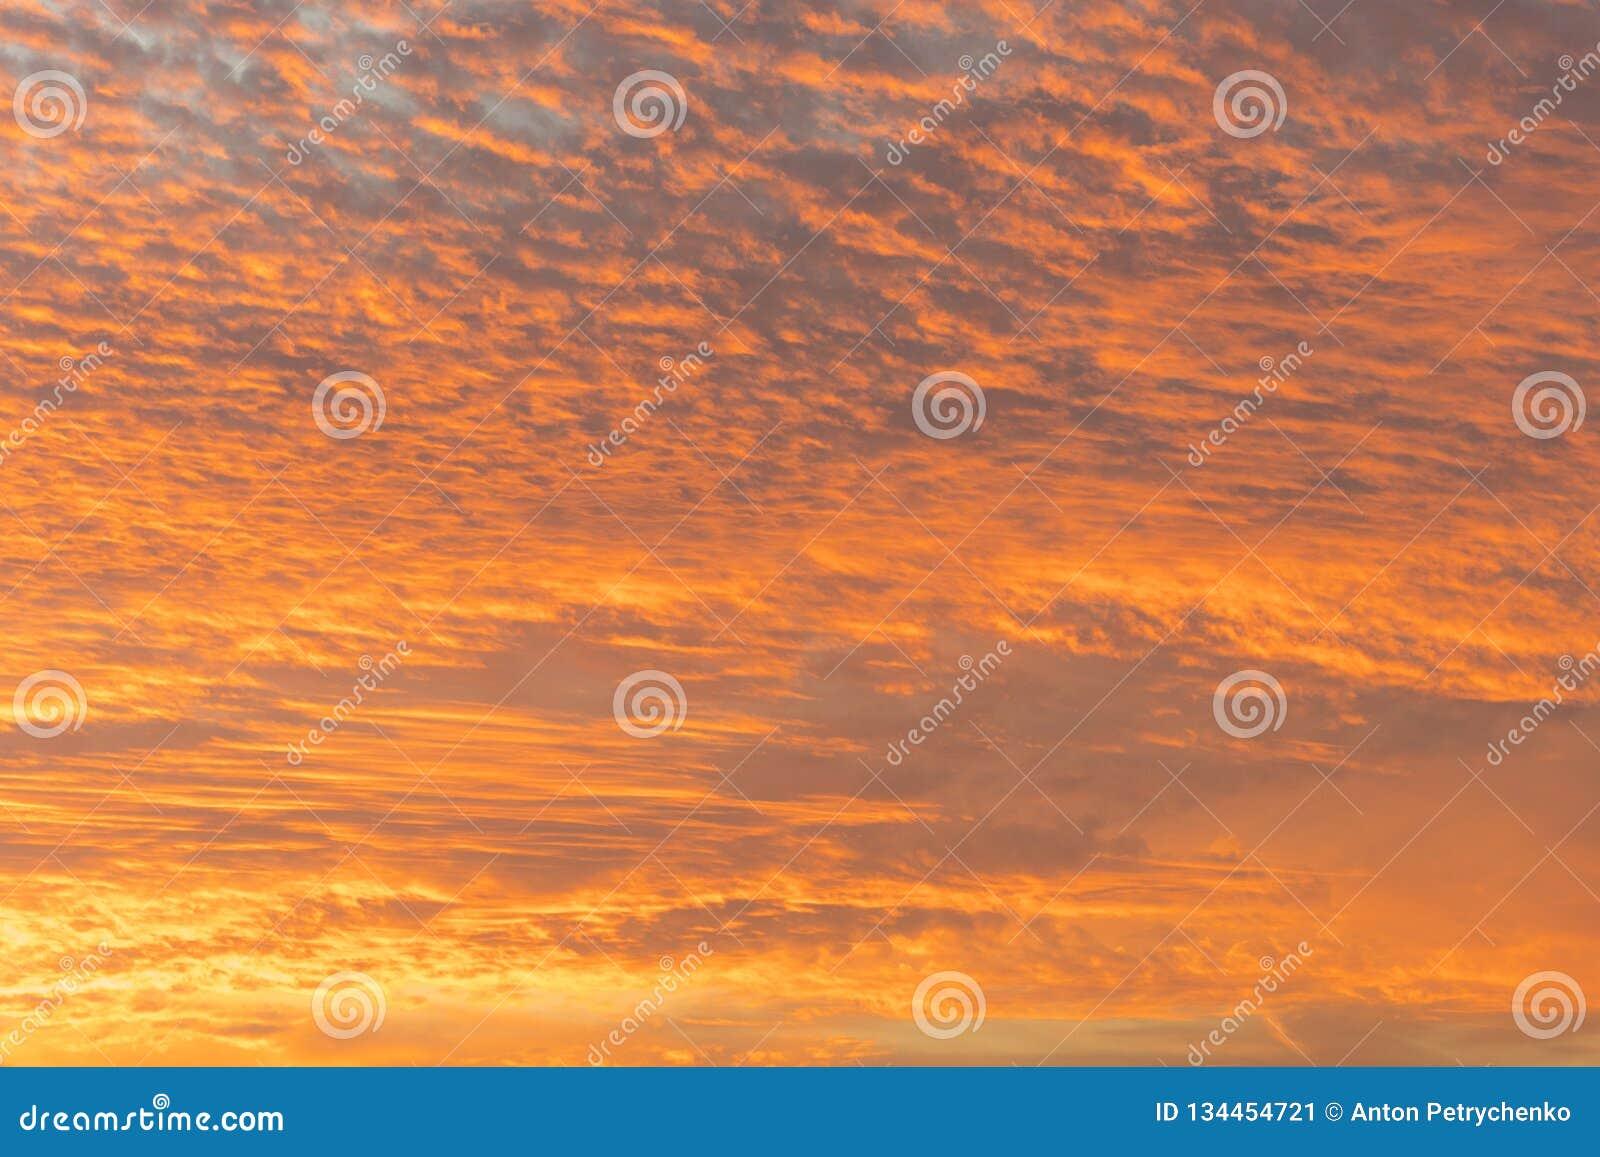 Coucher du soleil avec le ciel orange Ciel orange et jaune vibrant lumineux chaud de coucher du soleil de couleurs Coucher du sol